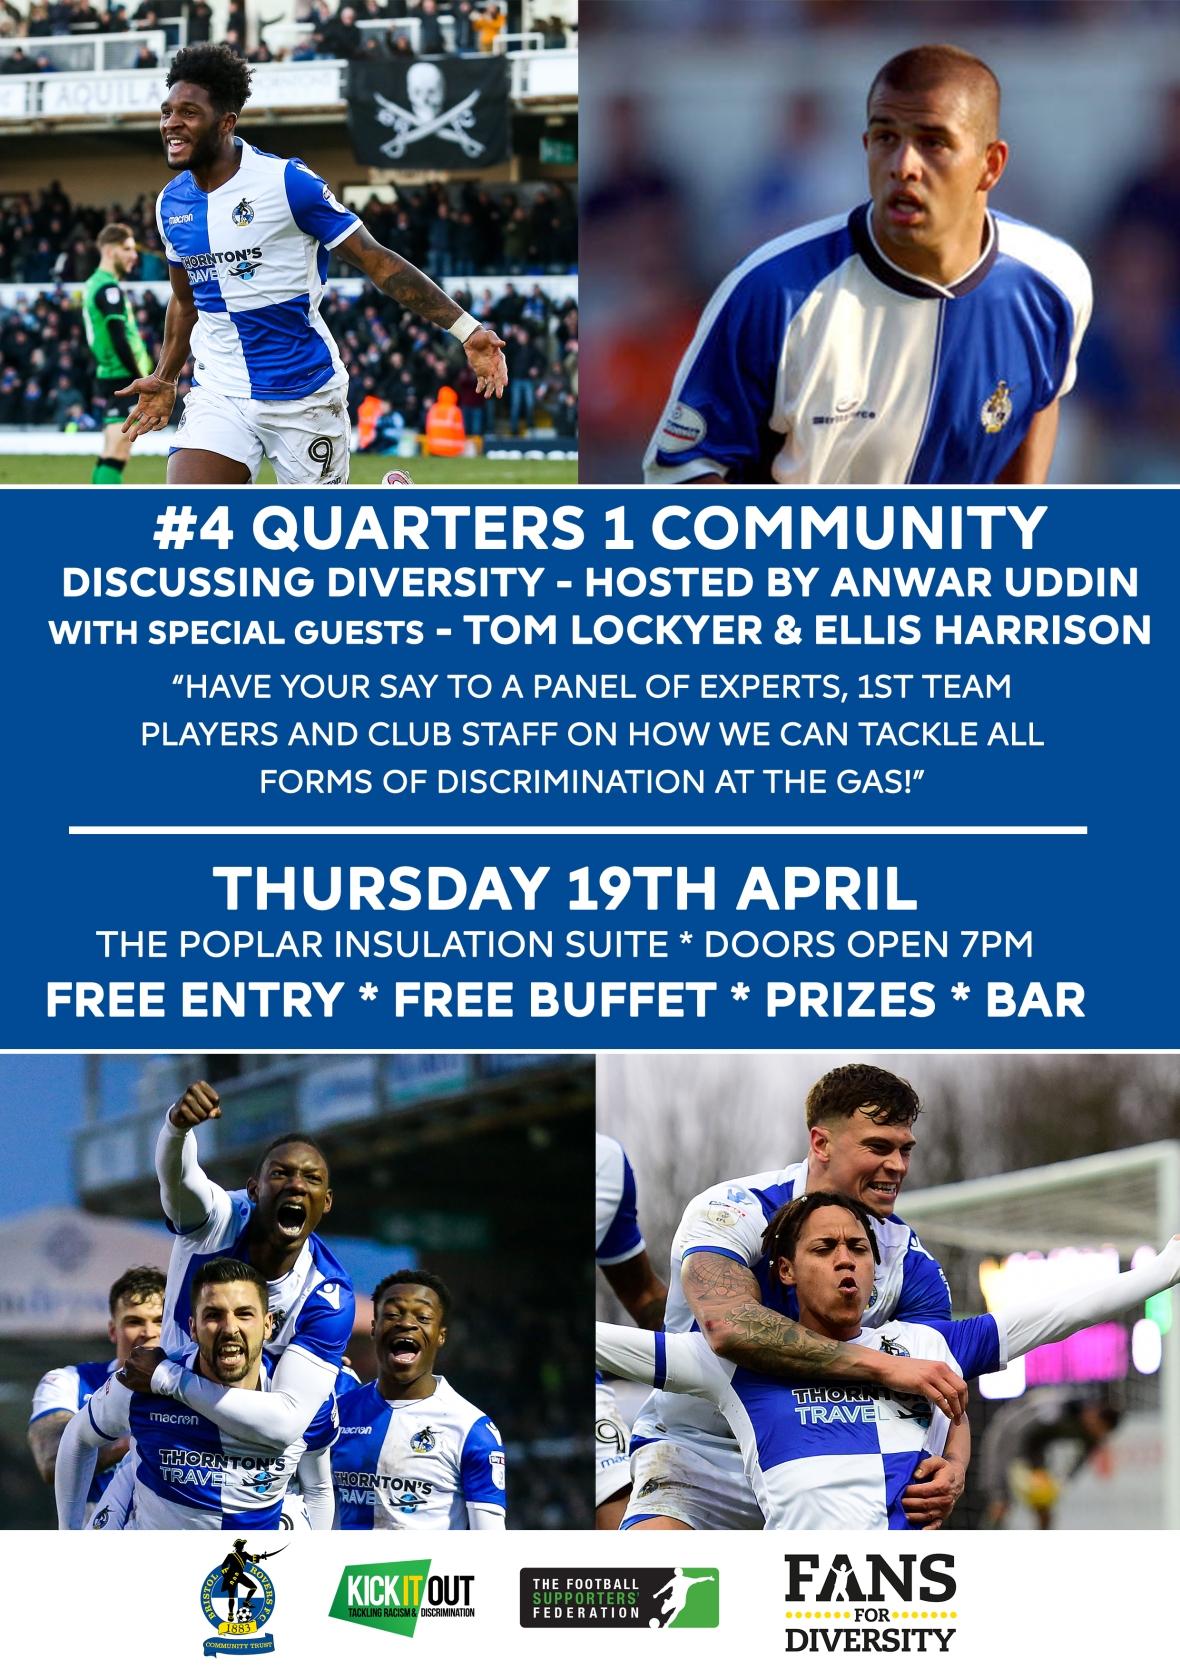 Fans-For-Diversity-(With-Anwar-Uddin,-Tom-Lockyer-and-Ellis-Harrison)